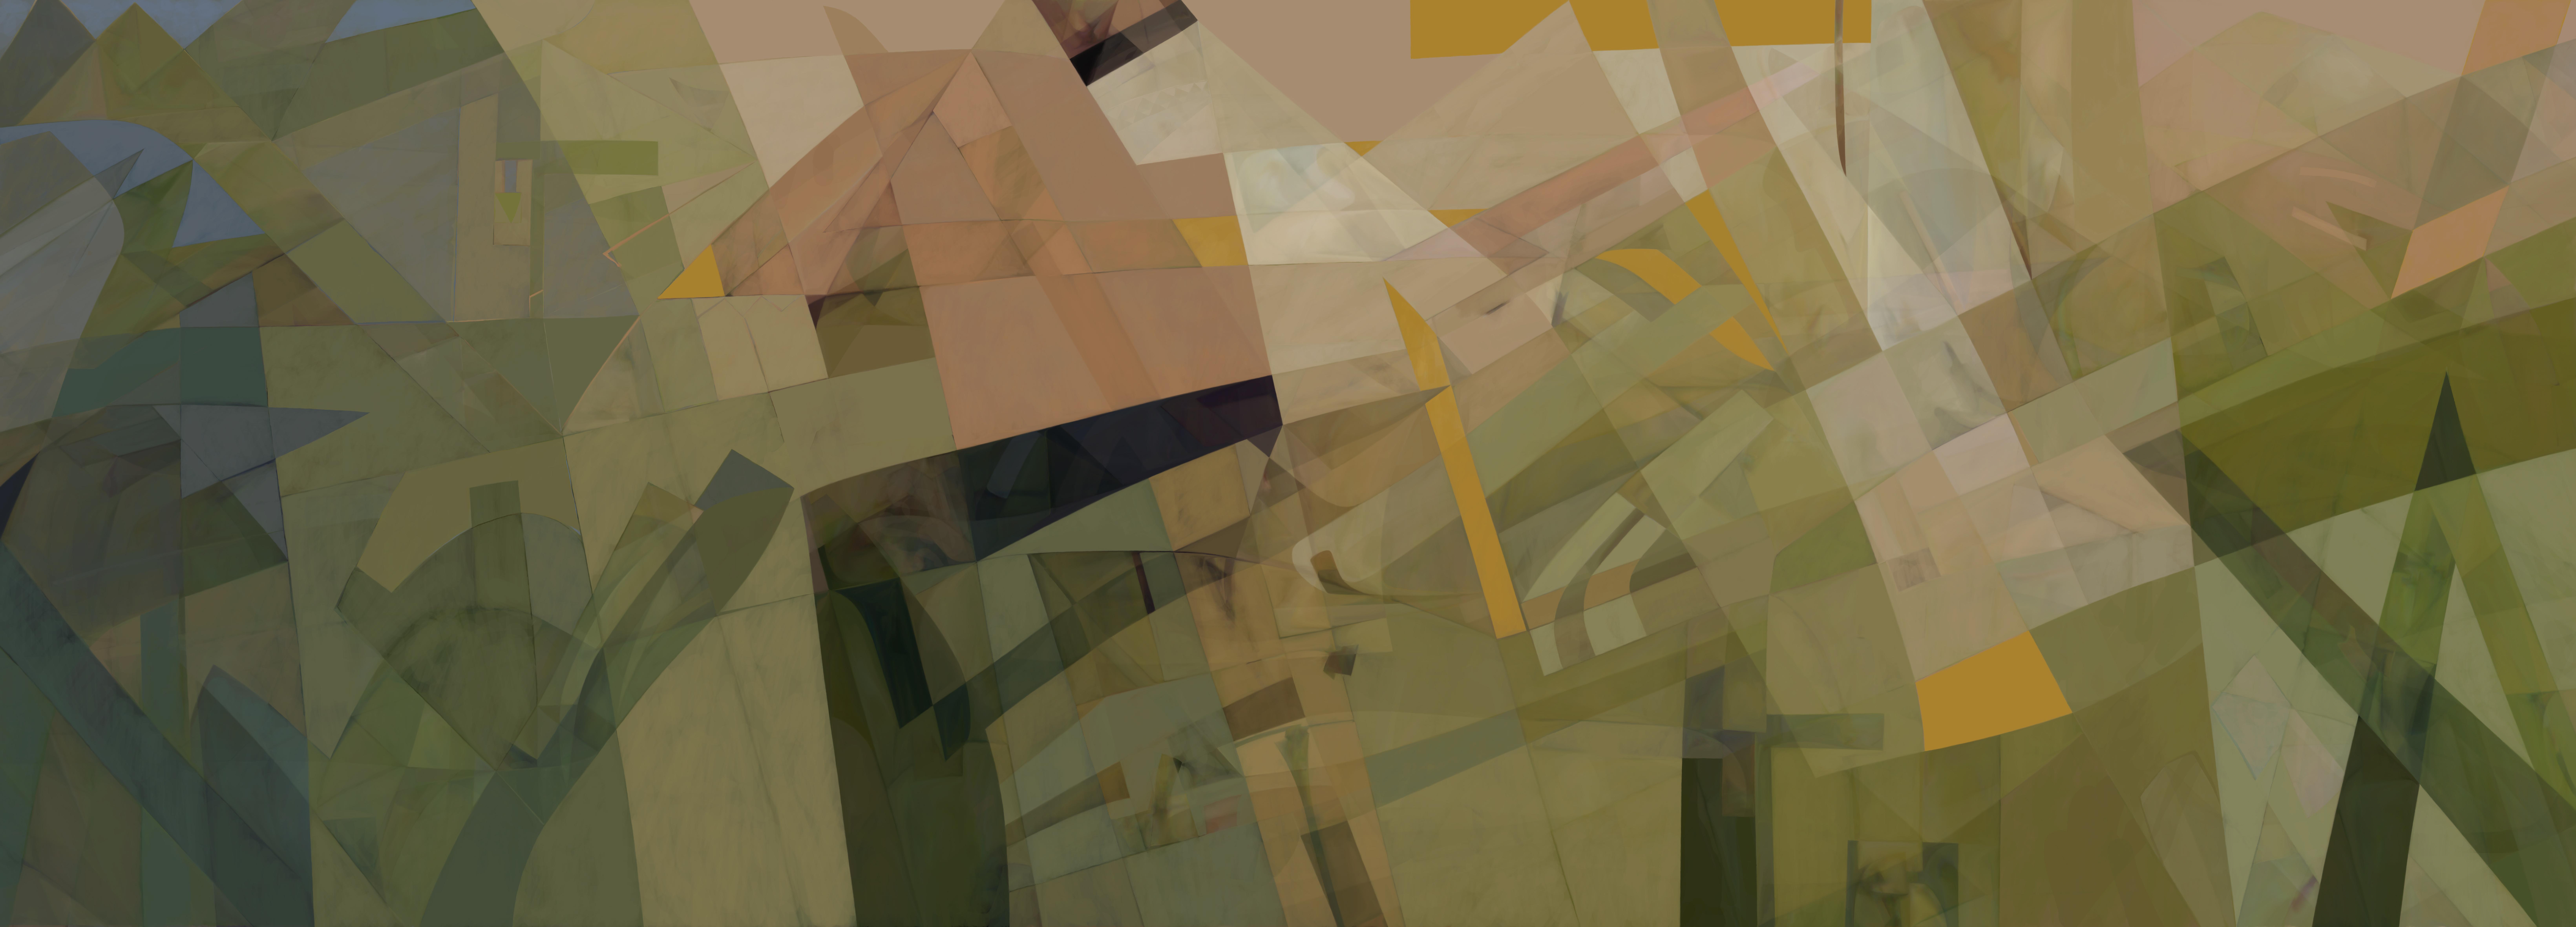 Scapa Flow V